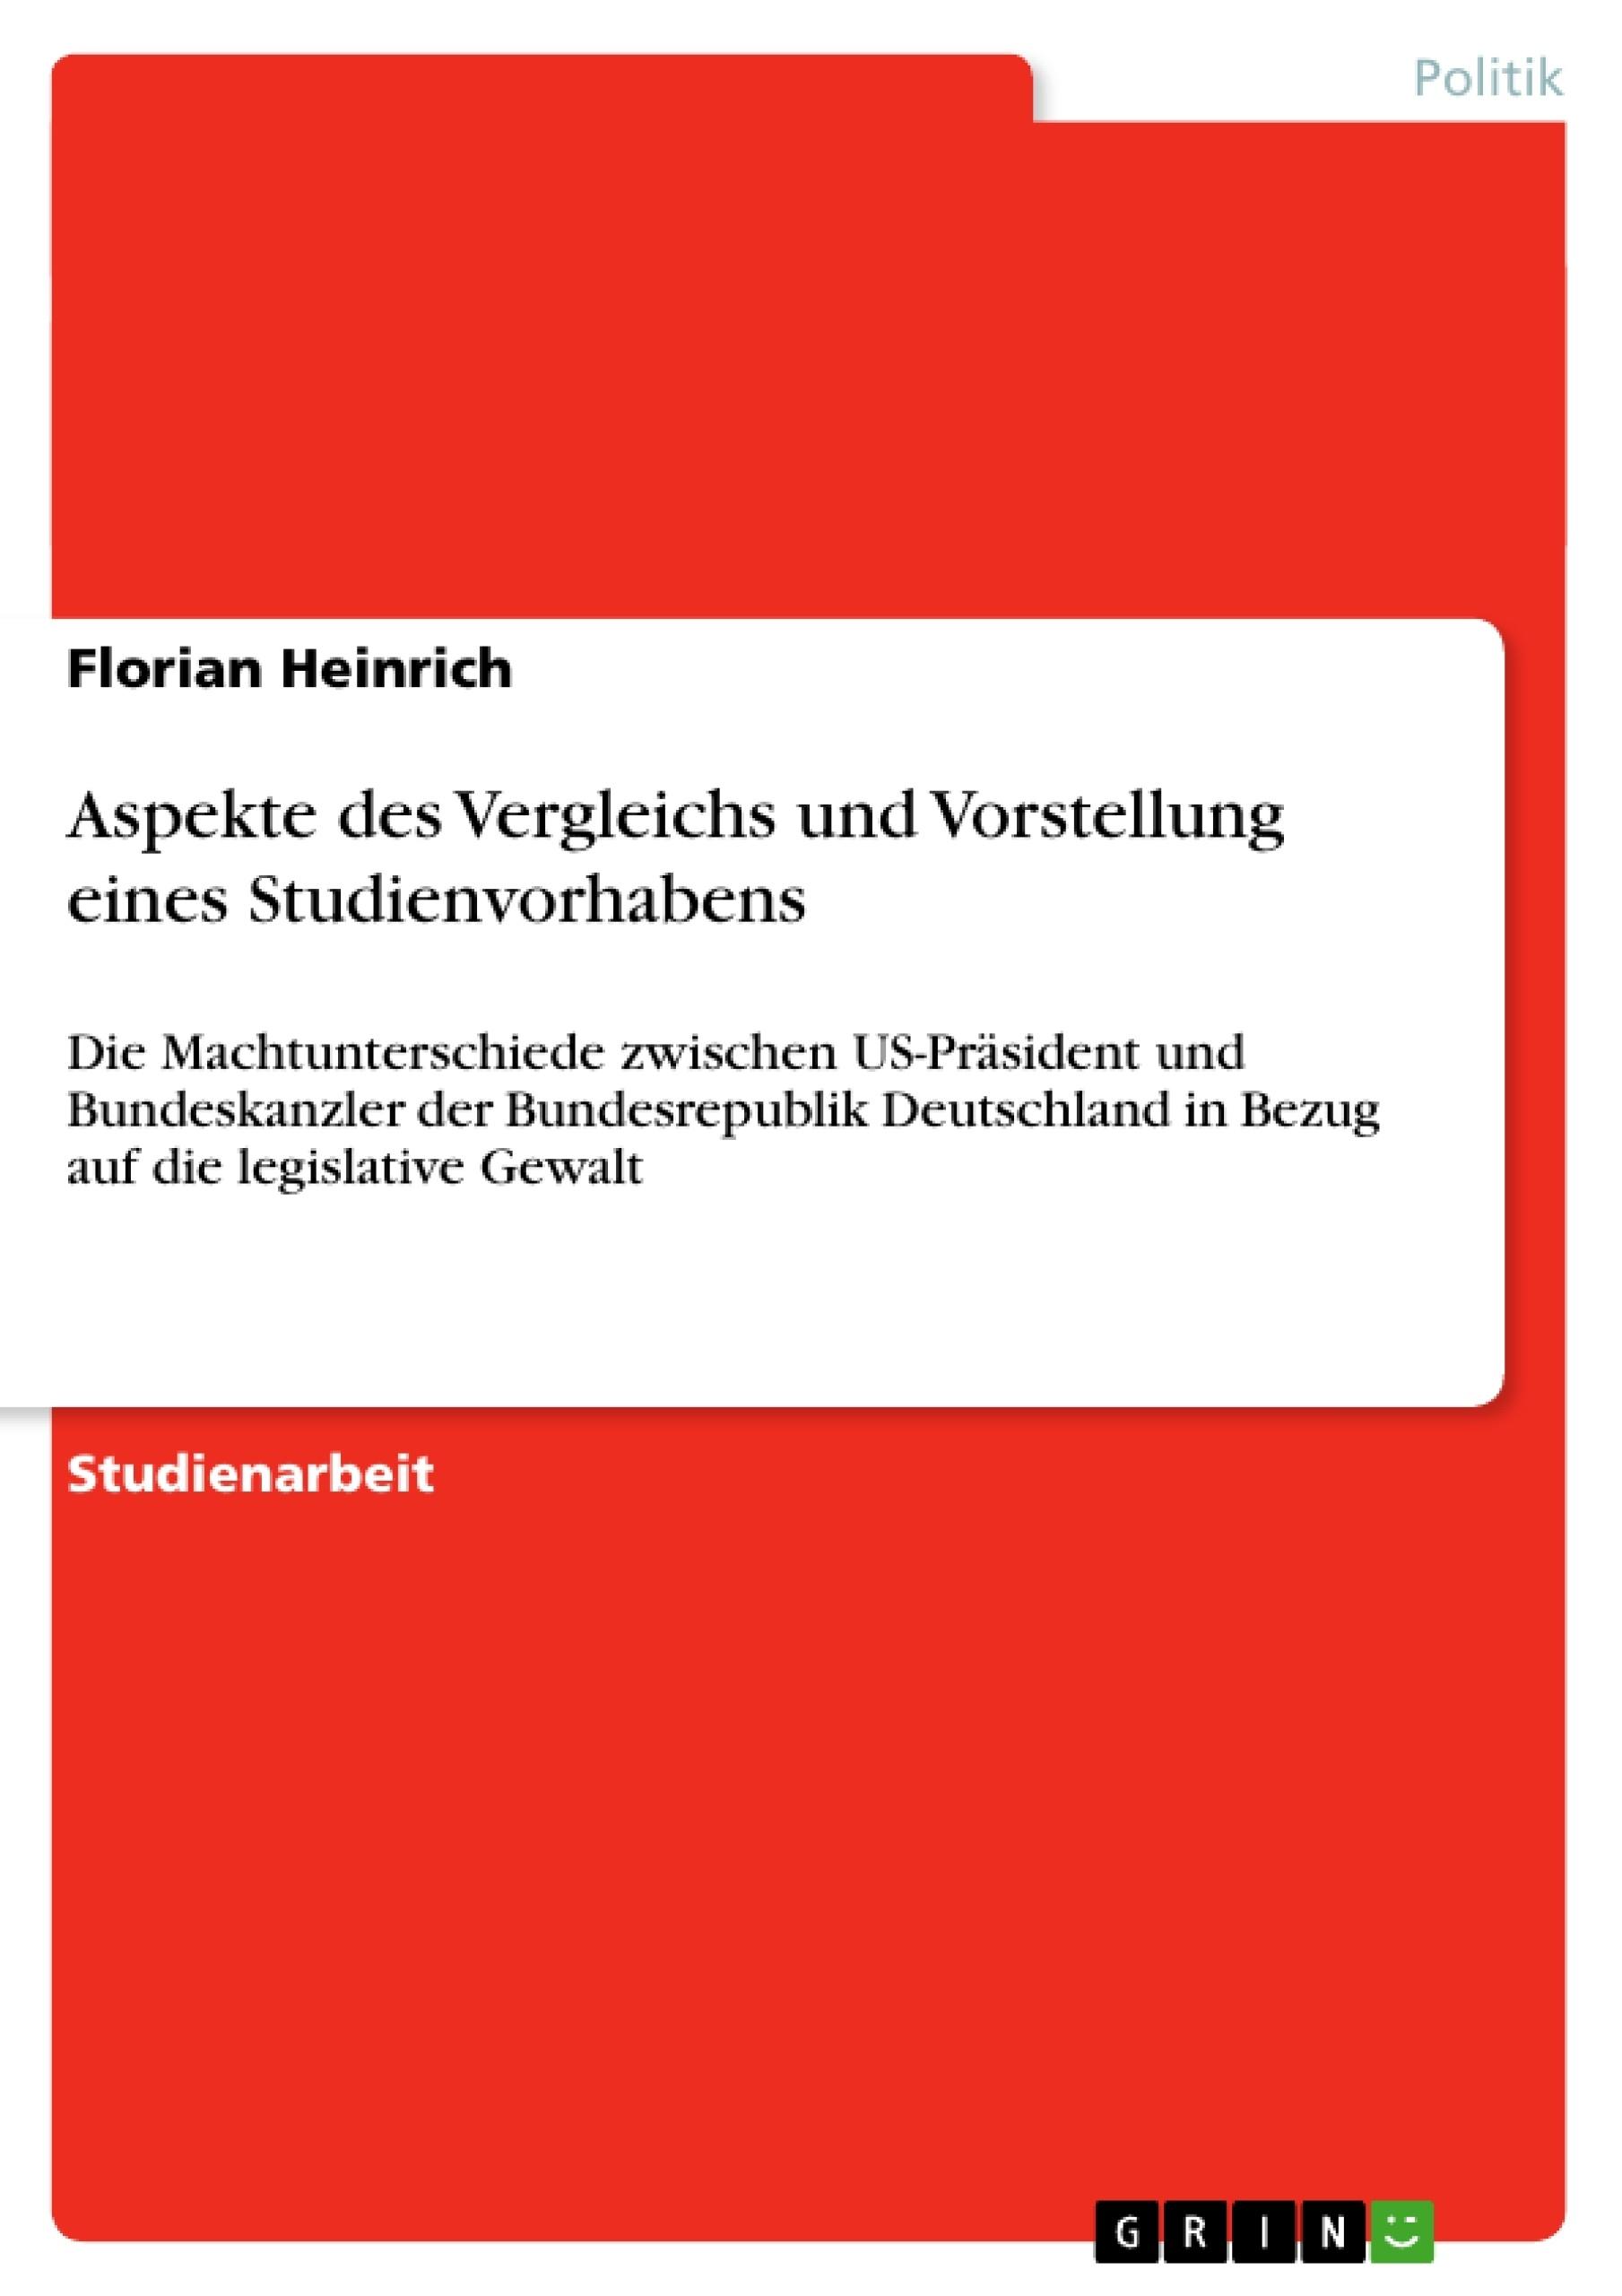 Titel: Aspekte des Vergleichs und Vorstellung eines Studienvorhabens